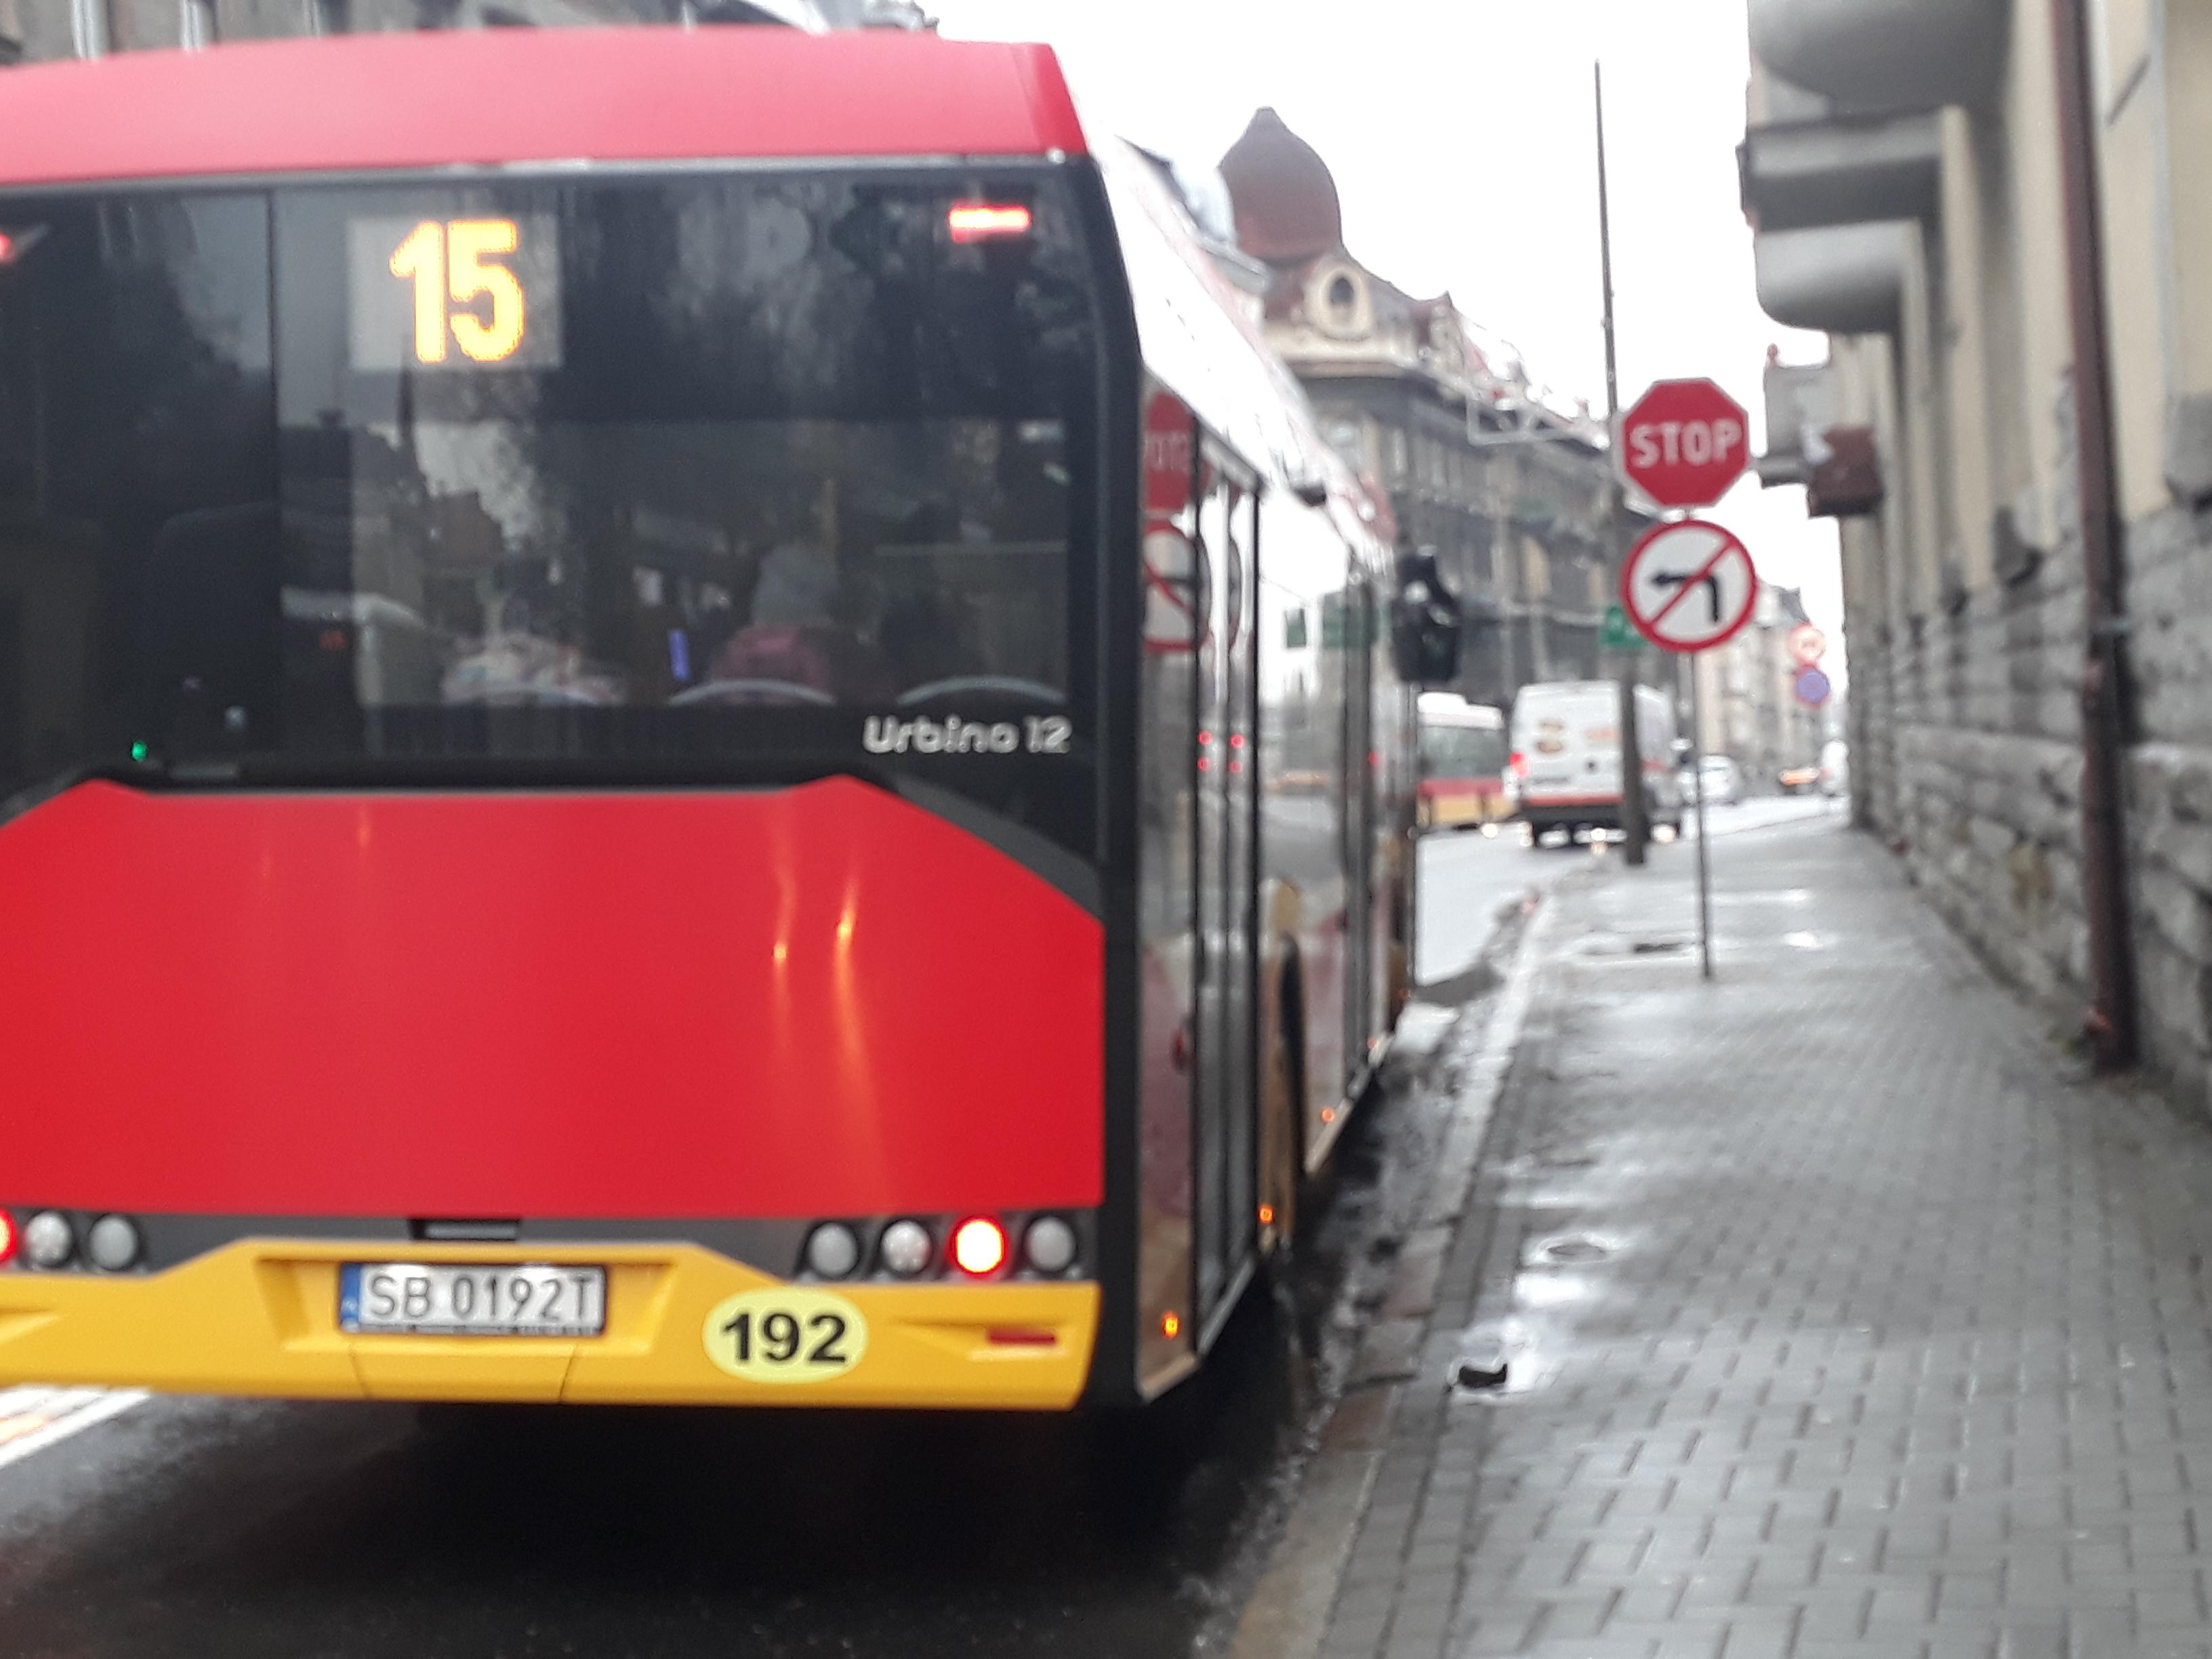 Mniej autobusów na ulicach, bo szkołach mają wolne